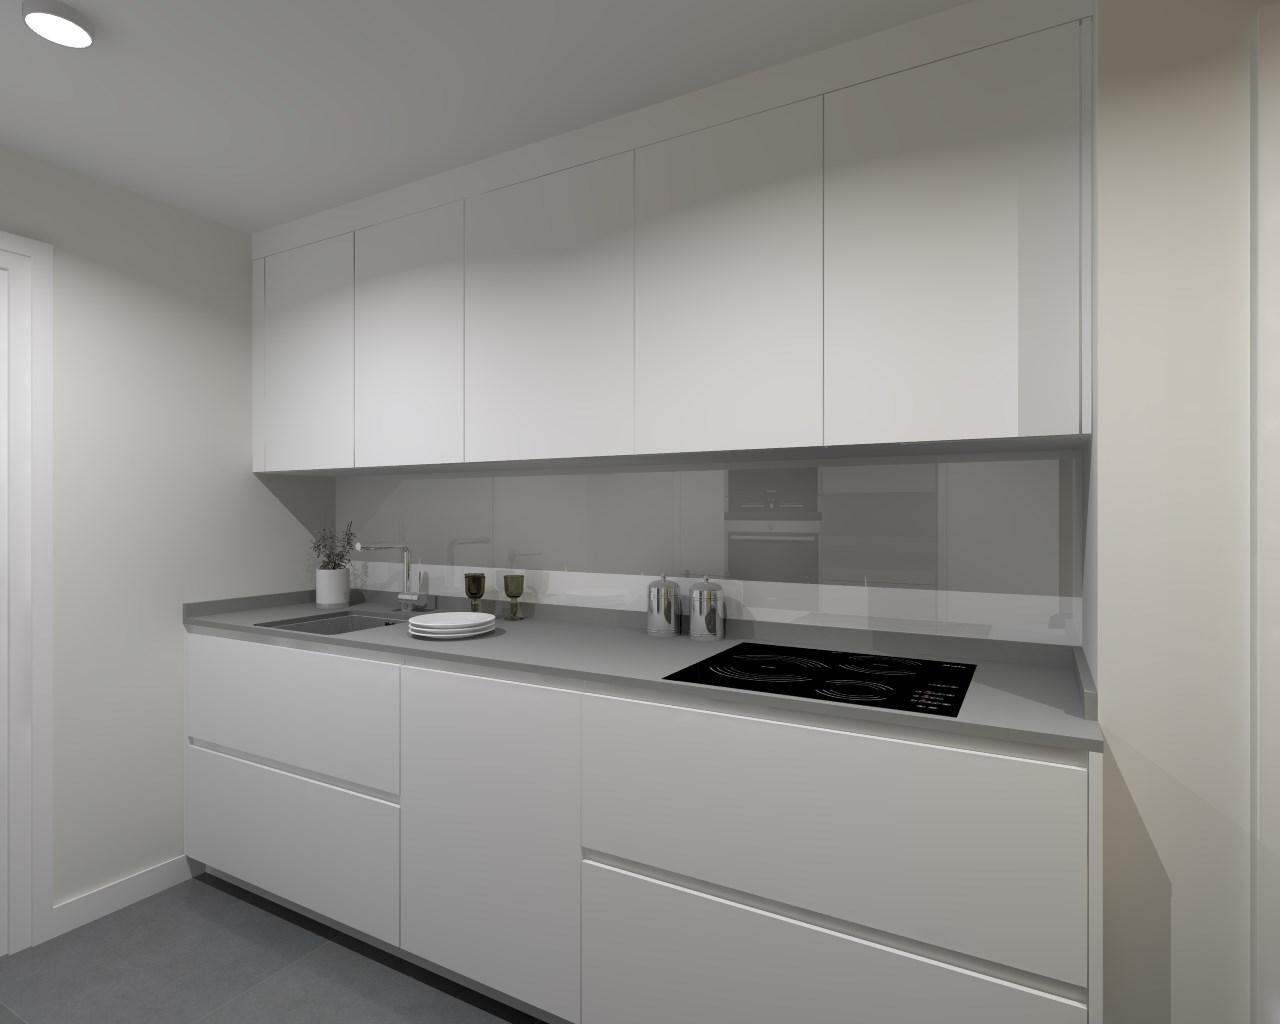 Cocina santos modelo line laminado seda blanco encimera - Cocinas santos valencia ...